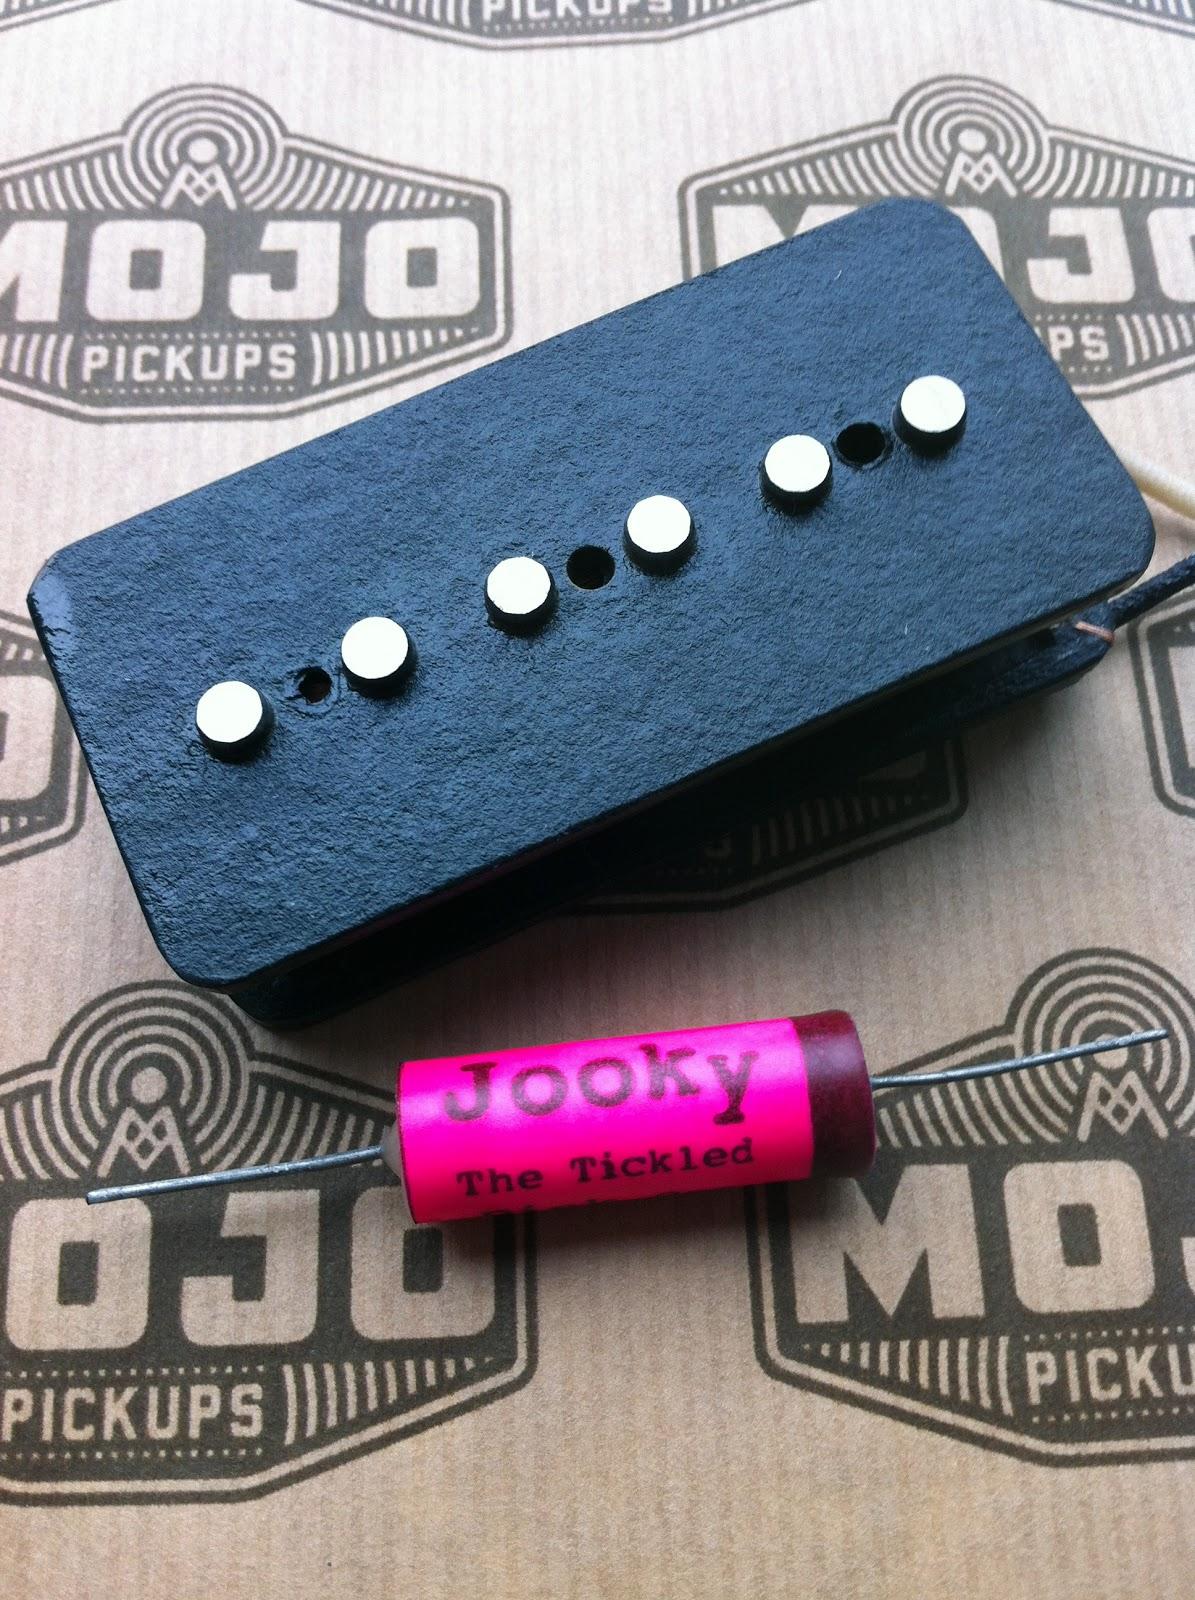 The Jooky Guitar Emporium: September 2012